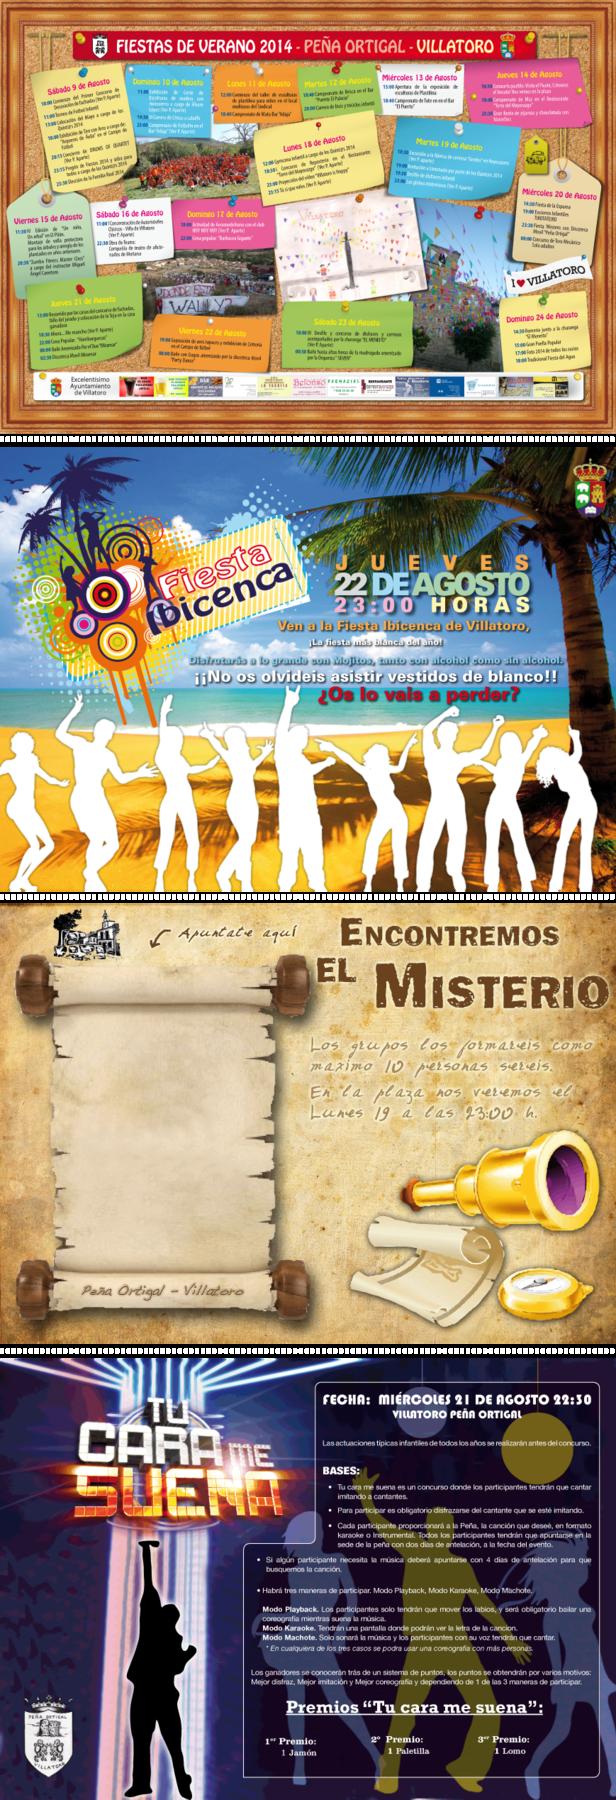 Portfolio Mónica Gil - Cartelería para promocionar e informar sobre las actividades que se realizan en versión Horizontal. A. C. Peña Ortigal, 2014, 2012, 2011